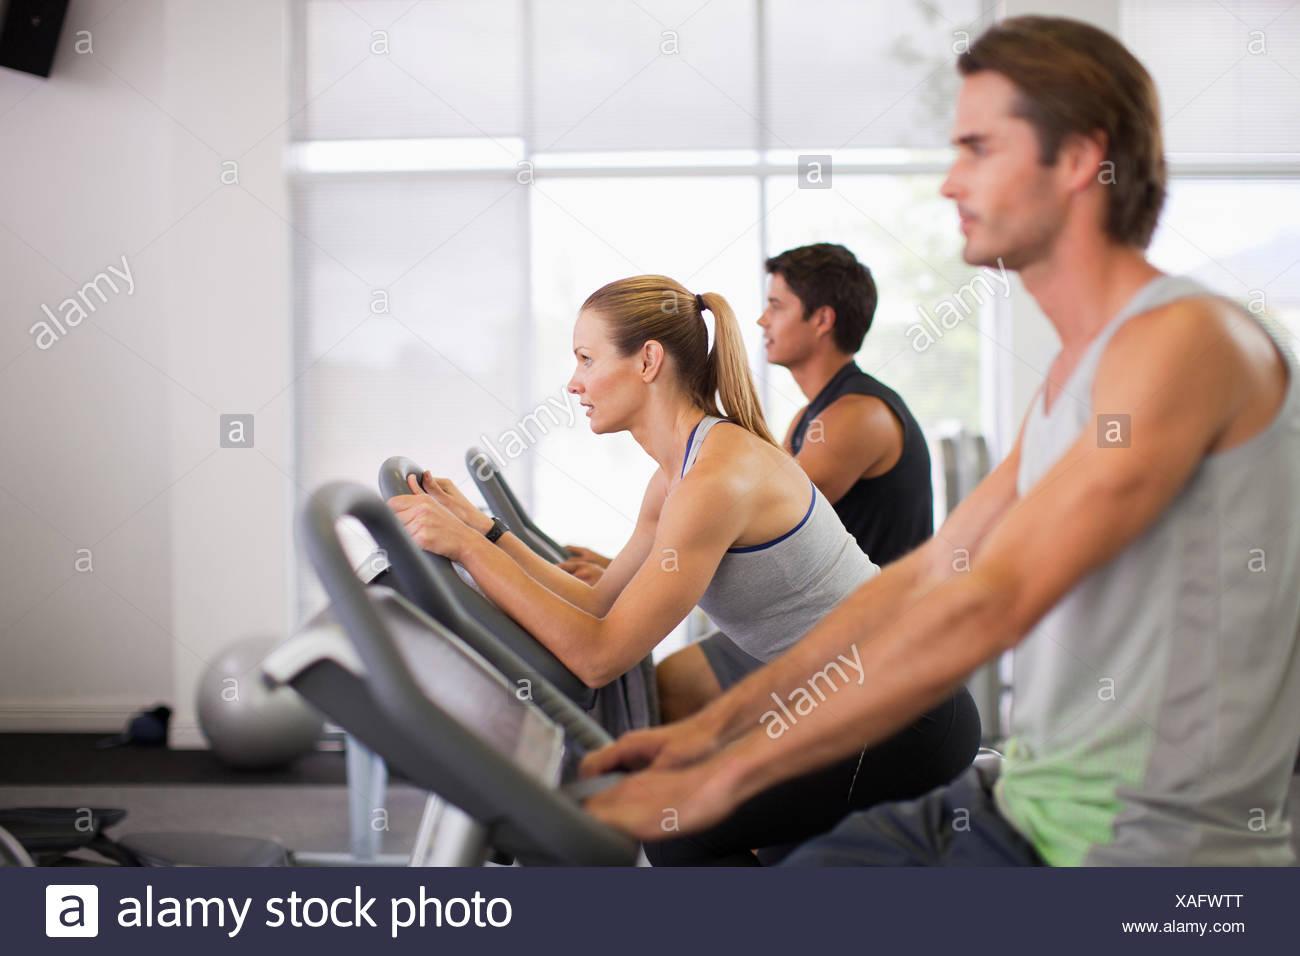 Tre persone sulla cyclette in palestra Immagini Stock